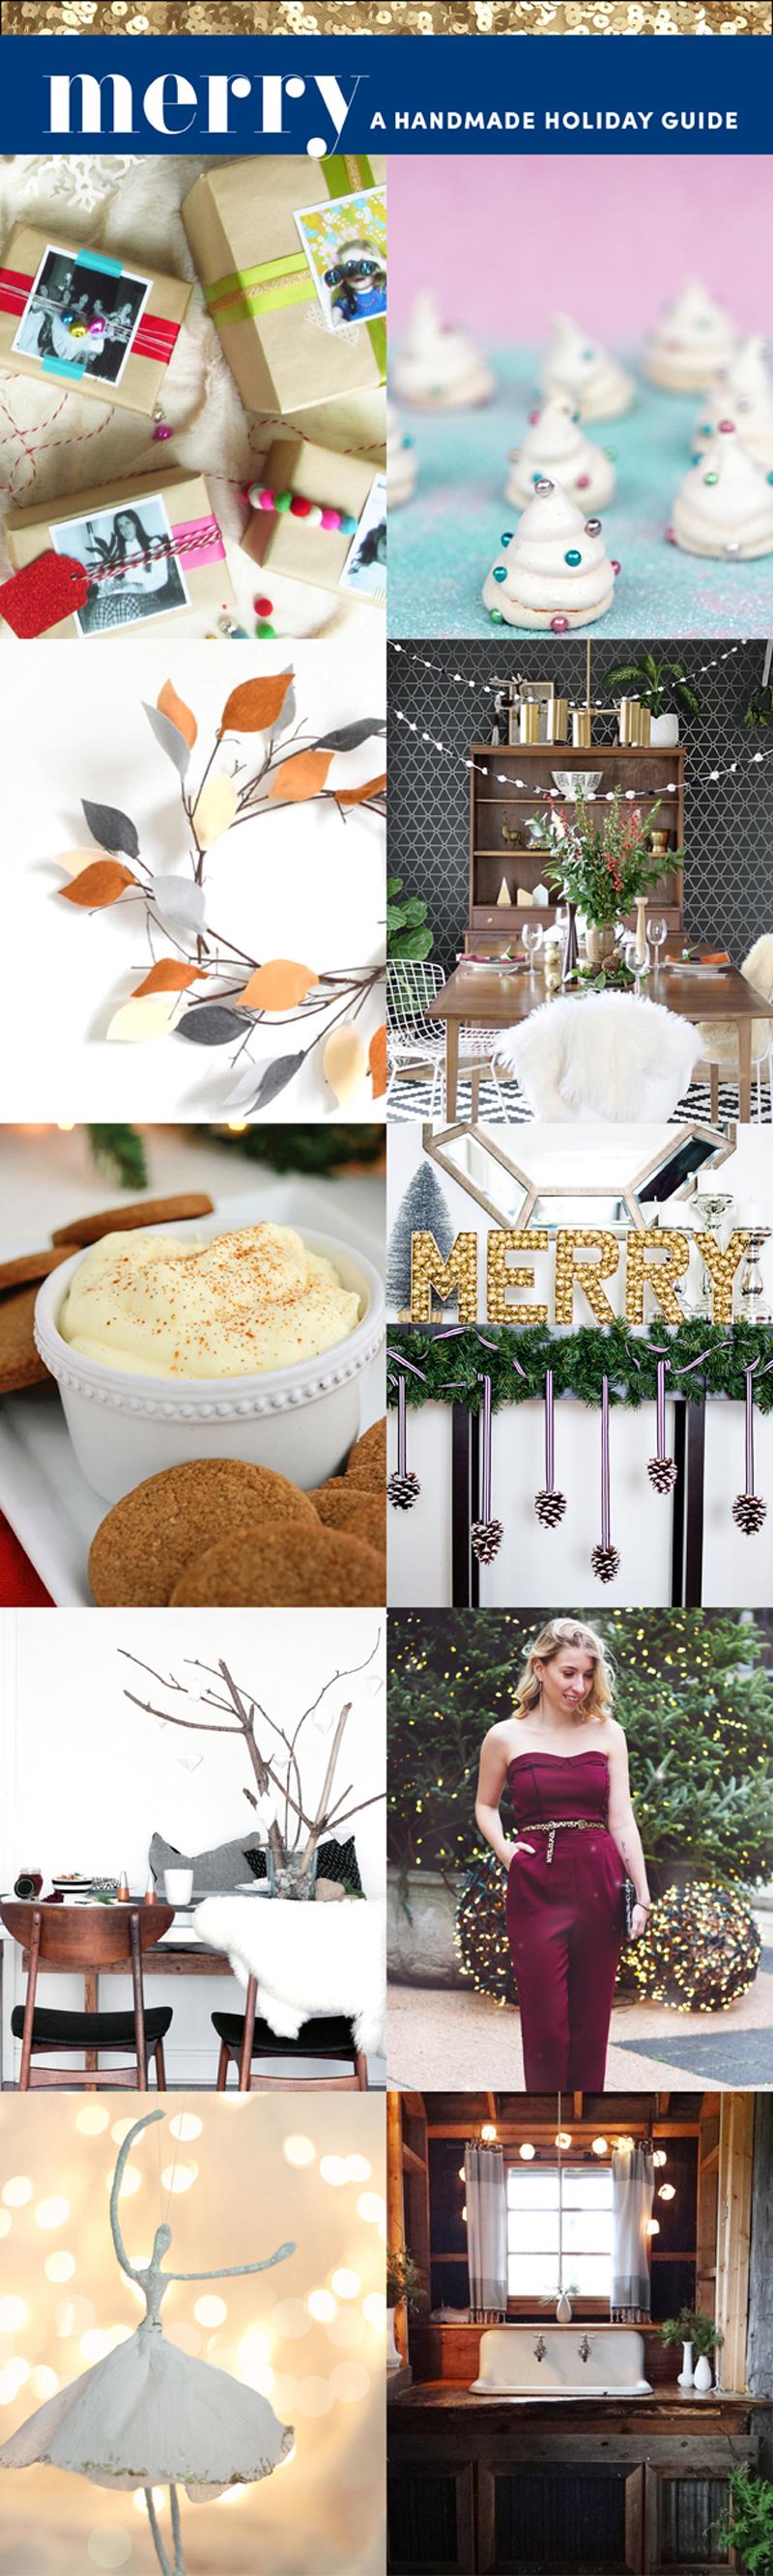 merry magazine